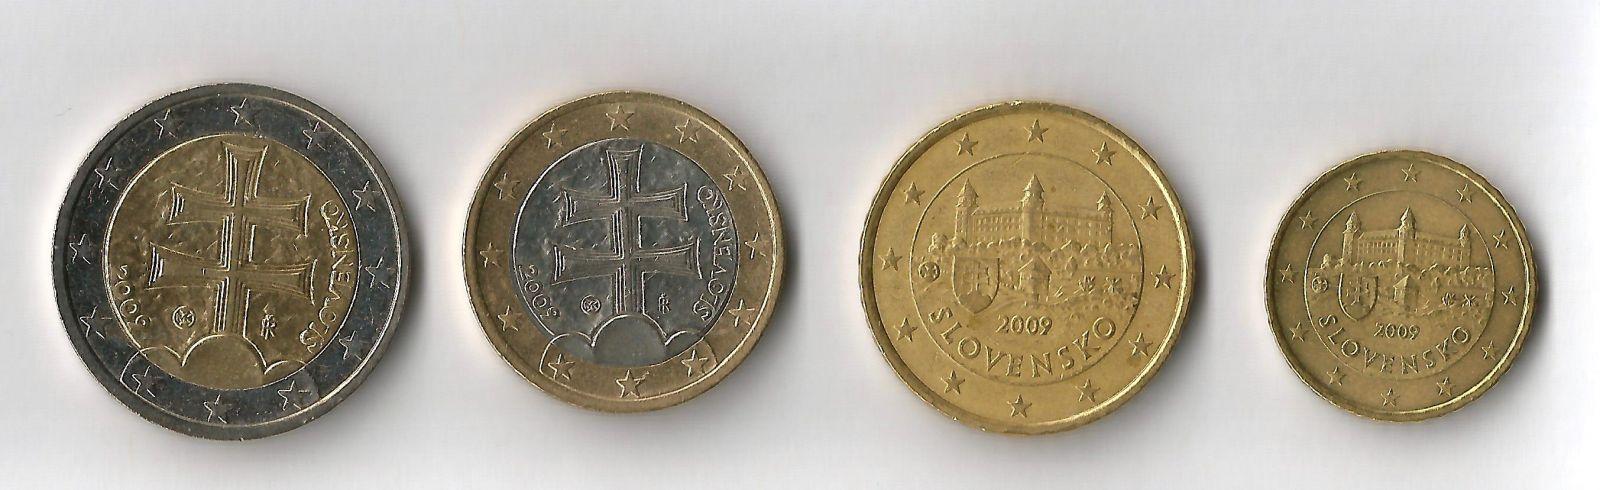 slovacchia.jpg